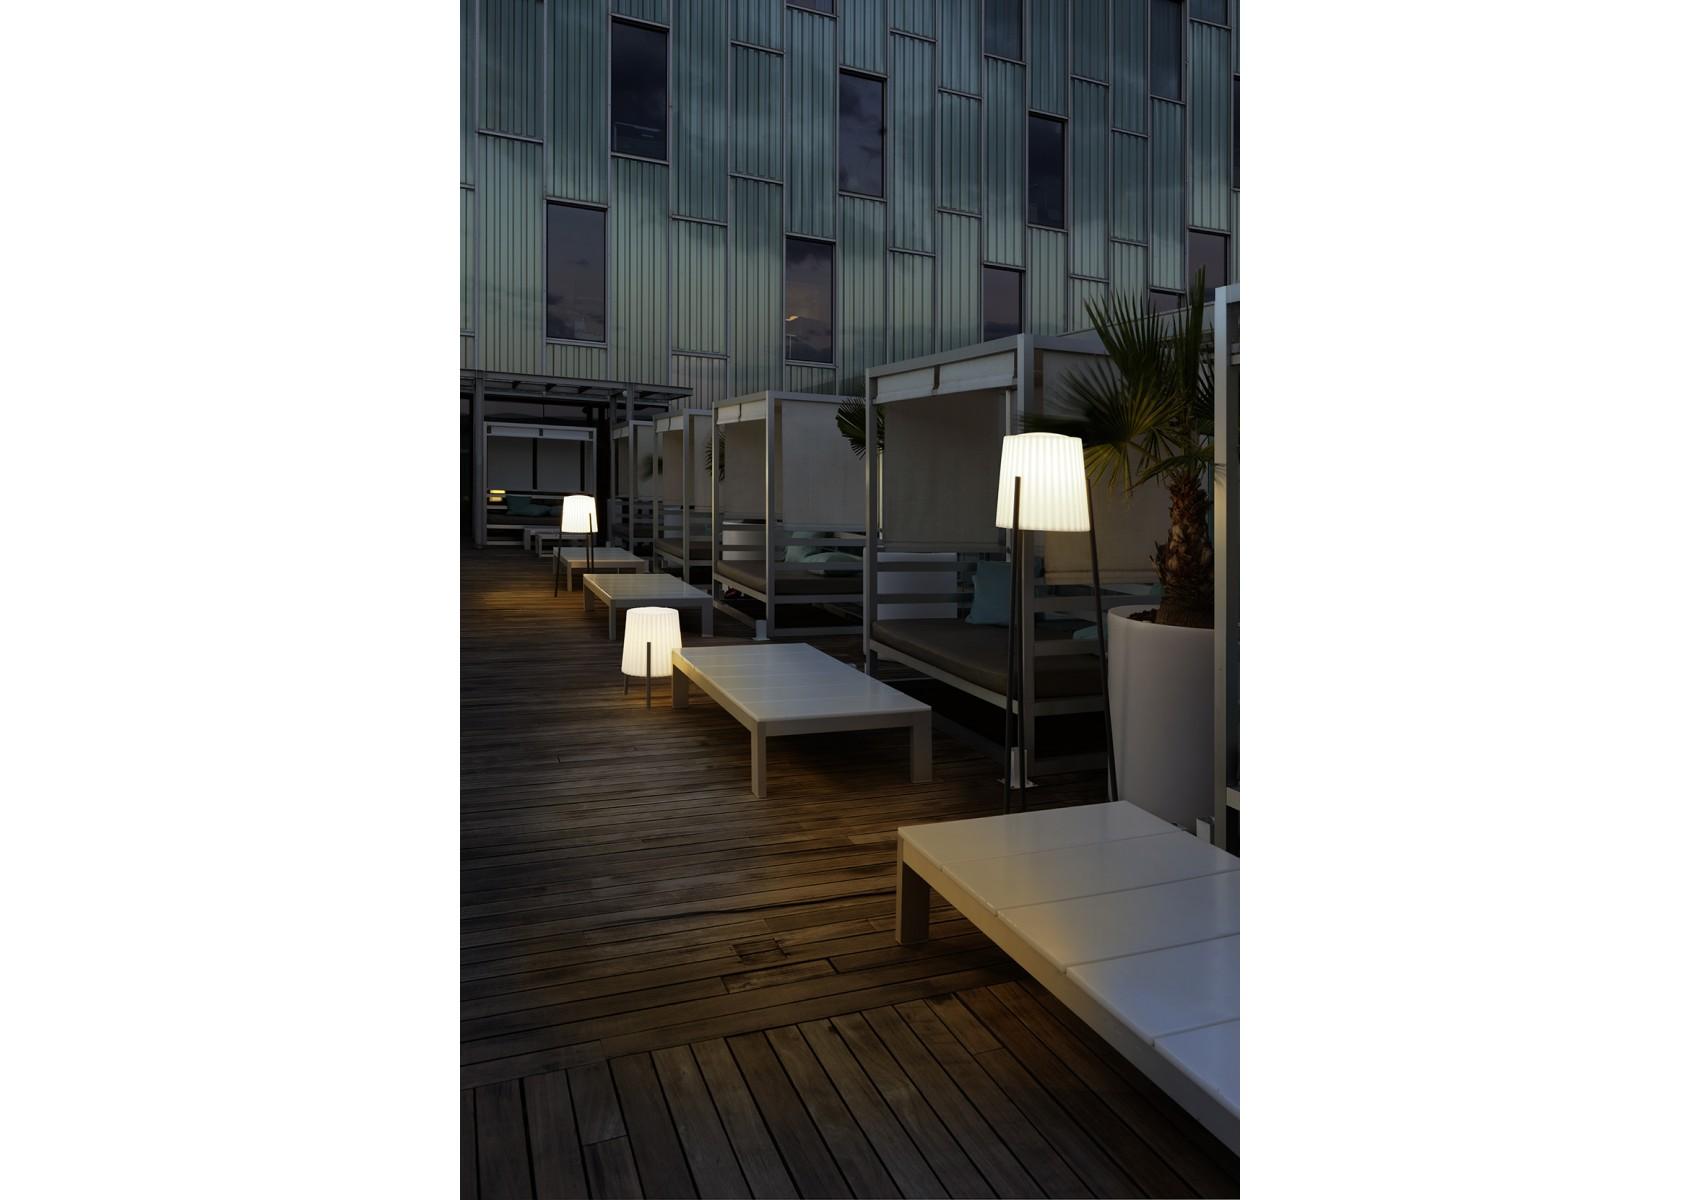 lampadaire baracino d 39 ext rieur r glable en hauteur. Black Bedroom Furniture Sets. Home Design Ideas